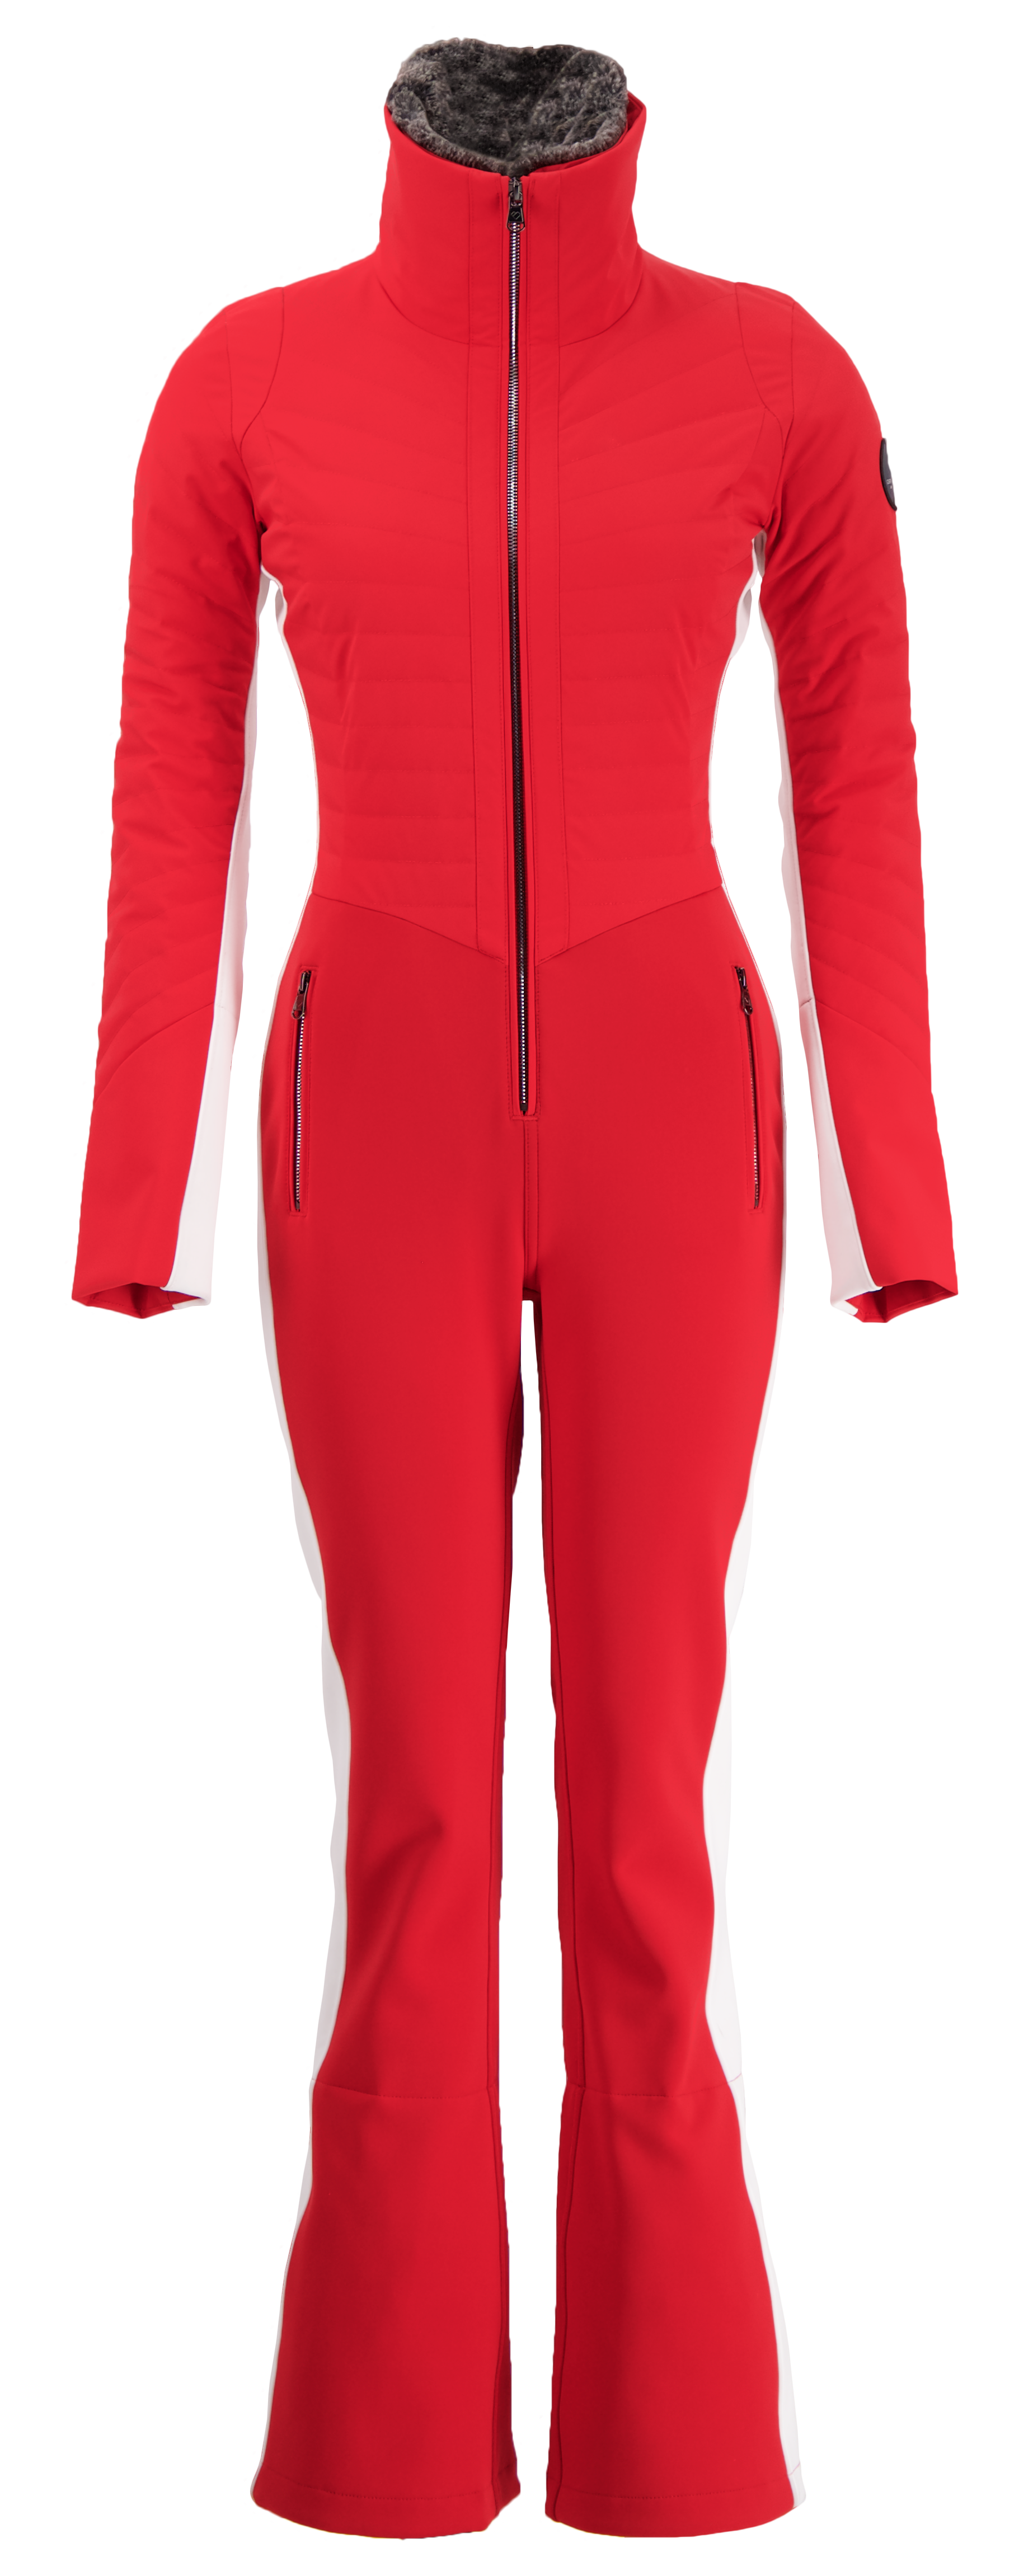 SIA 2001: Arc'Teryx Ski Wear